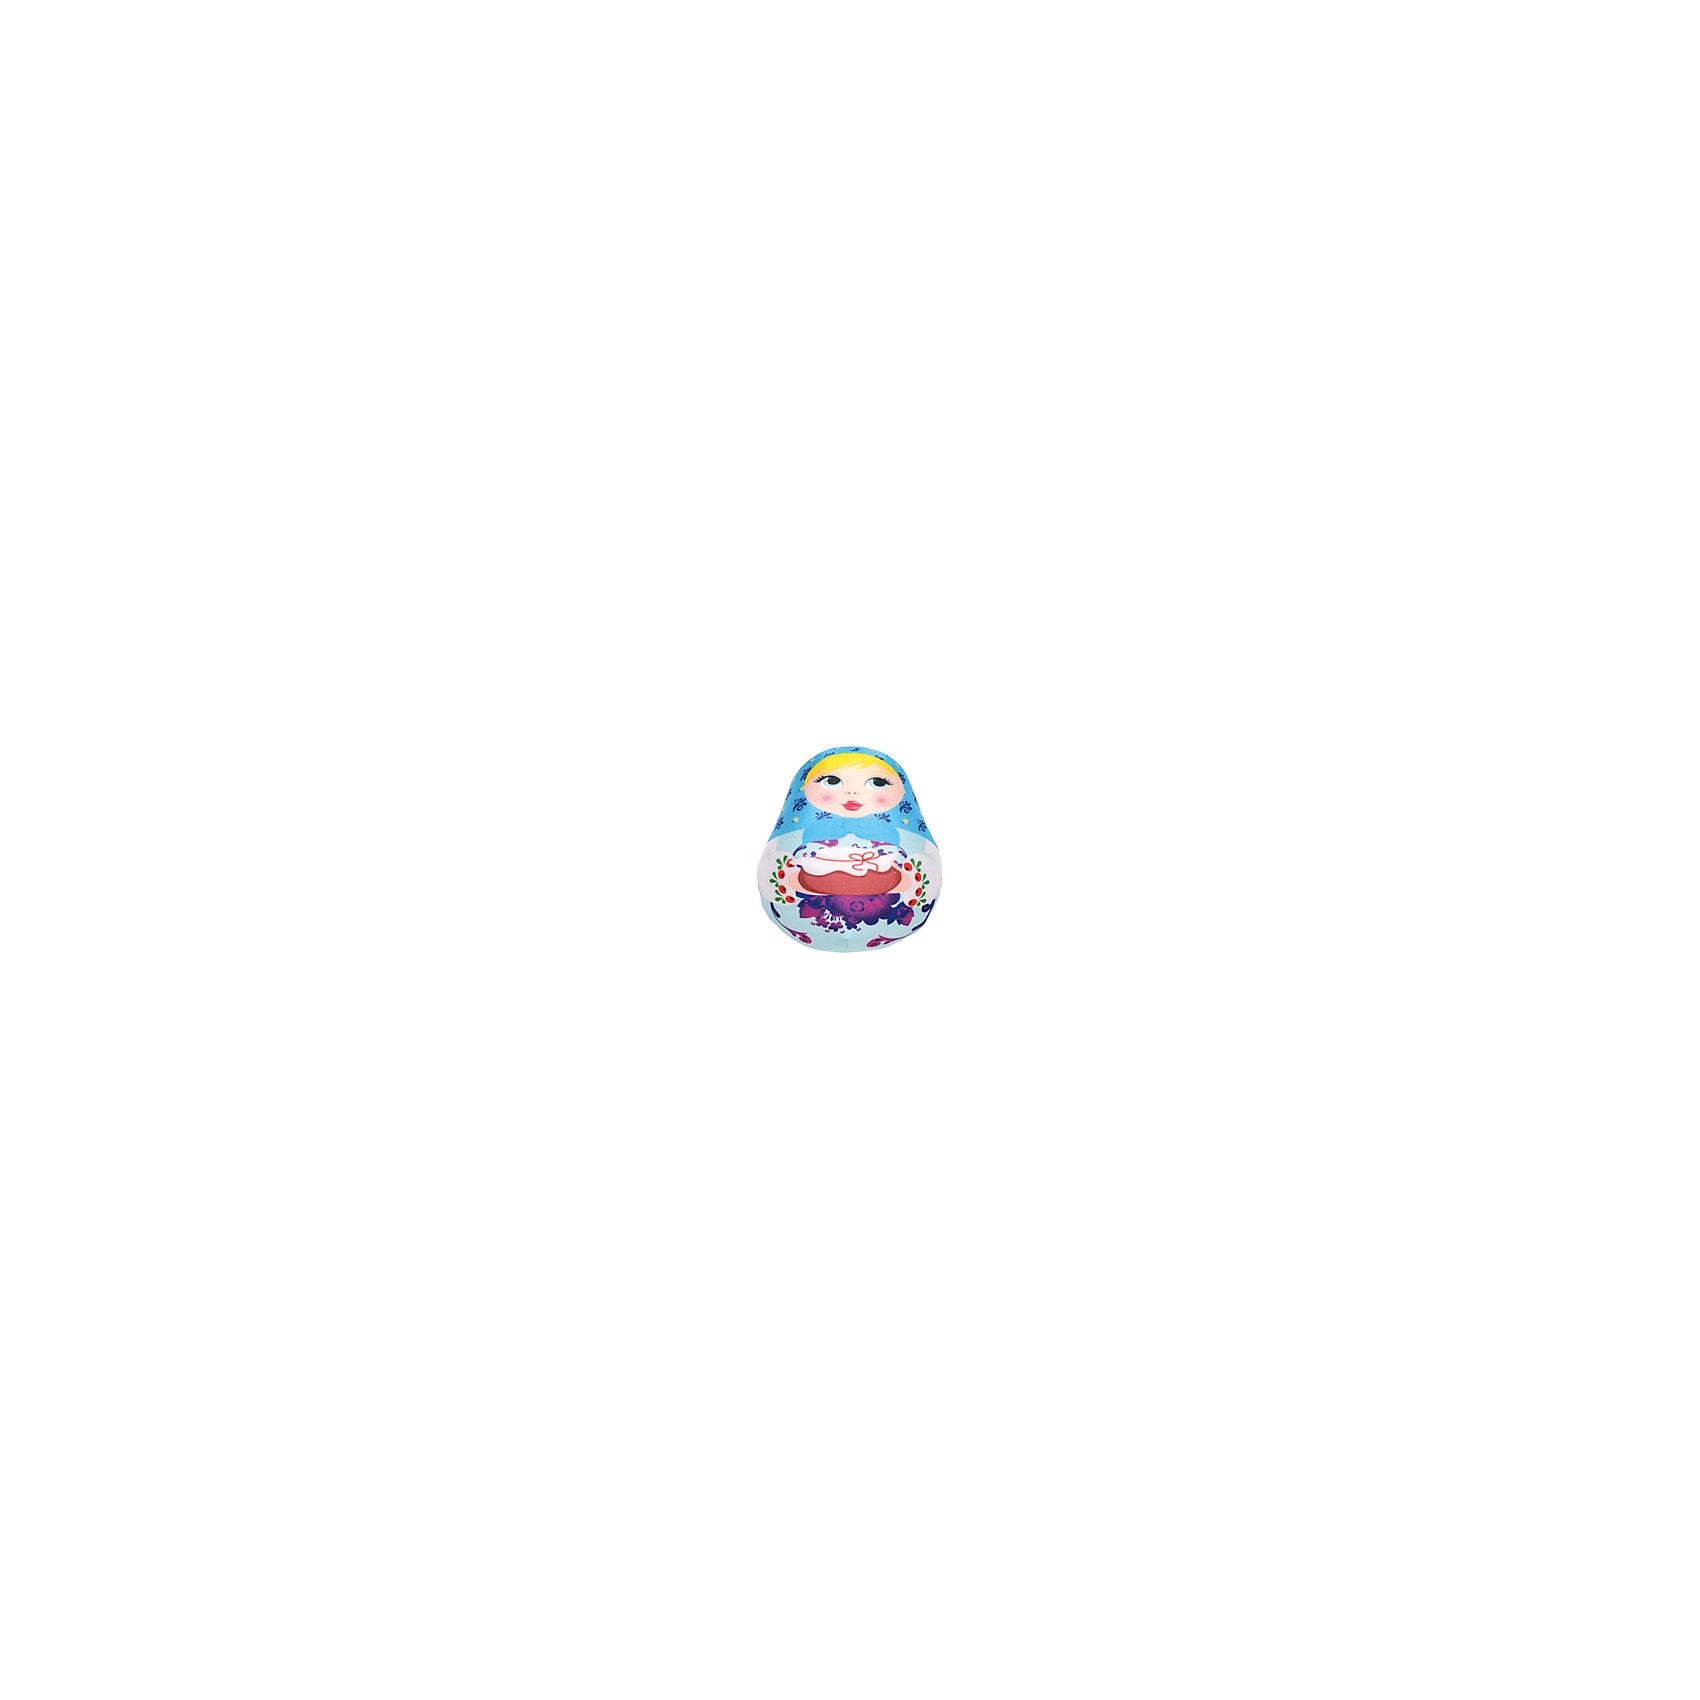 Матрешка (цвет: синий)Подушка Матрешка Small Toys - милая забавная игрушка, которая порадует и поднимет настроение как детям так и взрослым. Подушка выполнена в виде симпатиной красочной матрешки с горшочком в руках. Основное достоинство игрушки - это осязательный массаж с эффектом релаксации. Гладкая поверхность матрешки изготовлена из эластичного прочного трикотажа, а внутри игрушки находятся мельчайшие гранулы полистирола, благодаря которым игрушка всегда будет легкой, упругой и приятной на ощупь. Матрешку<br>можно мять и сжимать, но она неизменно возвращает себе первоначальную форму. <br><br>Дополнительная информация:<br><br>- Цвет: синий.<br>- Материал: внешний материал: трикотаж, наполнитель: полистирол.<br>- Высота: 25 см.<br>- Размер: 25 х 16 х 10 см.<br>- Вес: 100 гр.<br> <br>Подушку Матрешка, Small Toys (СмолТойс), можно купить в нашем интернет-магазине.<br><br>Ширина мм: 100<br>Глубина мм: 160<br>Высота мм: 250<br>Вес г: 100<br>Возраст от месяцев: 36<br>Возраст до месяцев: 108<br>Пол: Унисекс<br>Возраст: Детский<br>SKU: 3996219